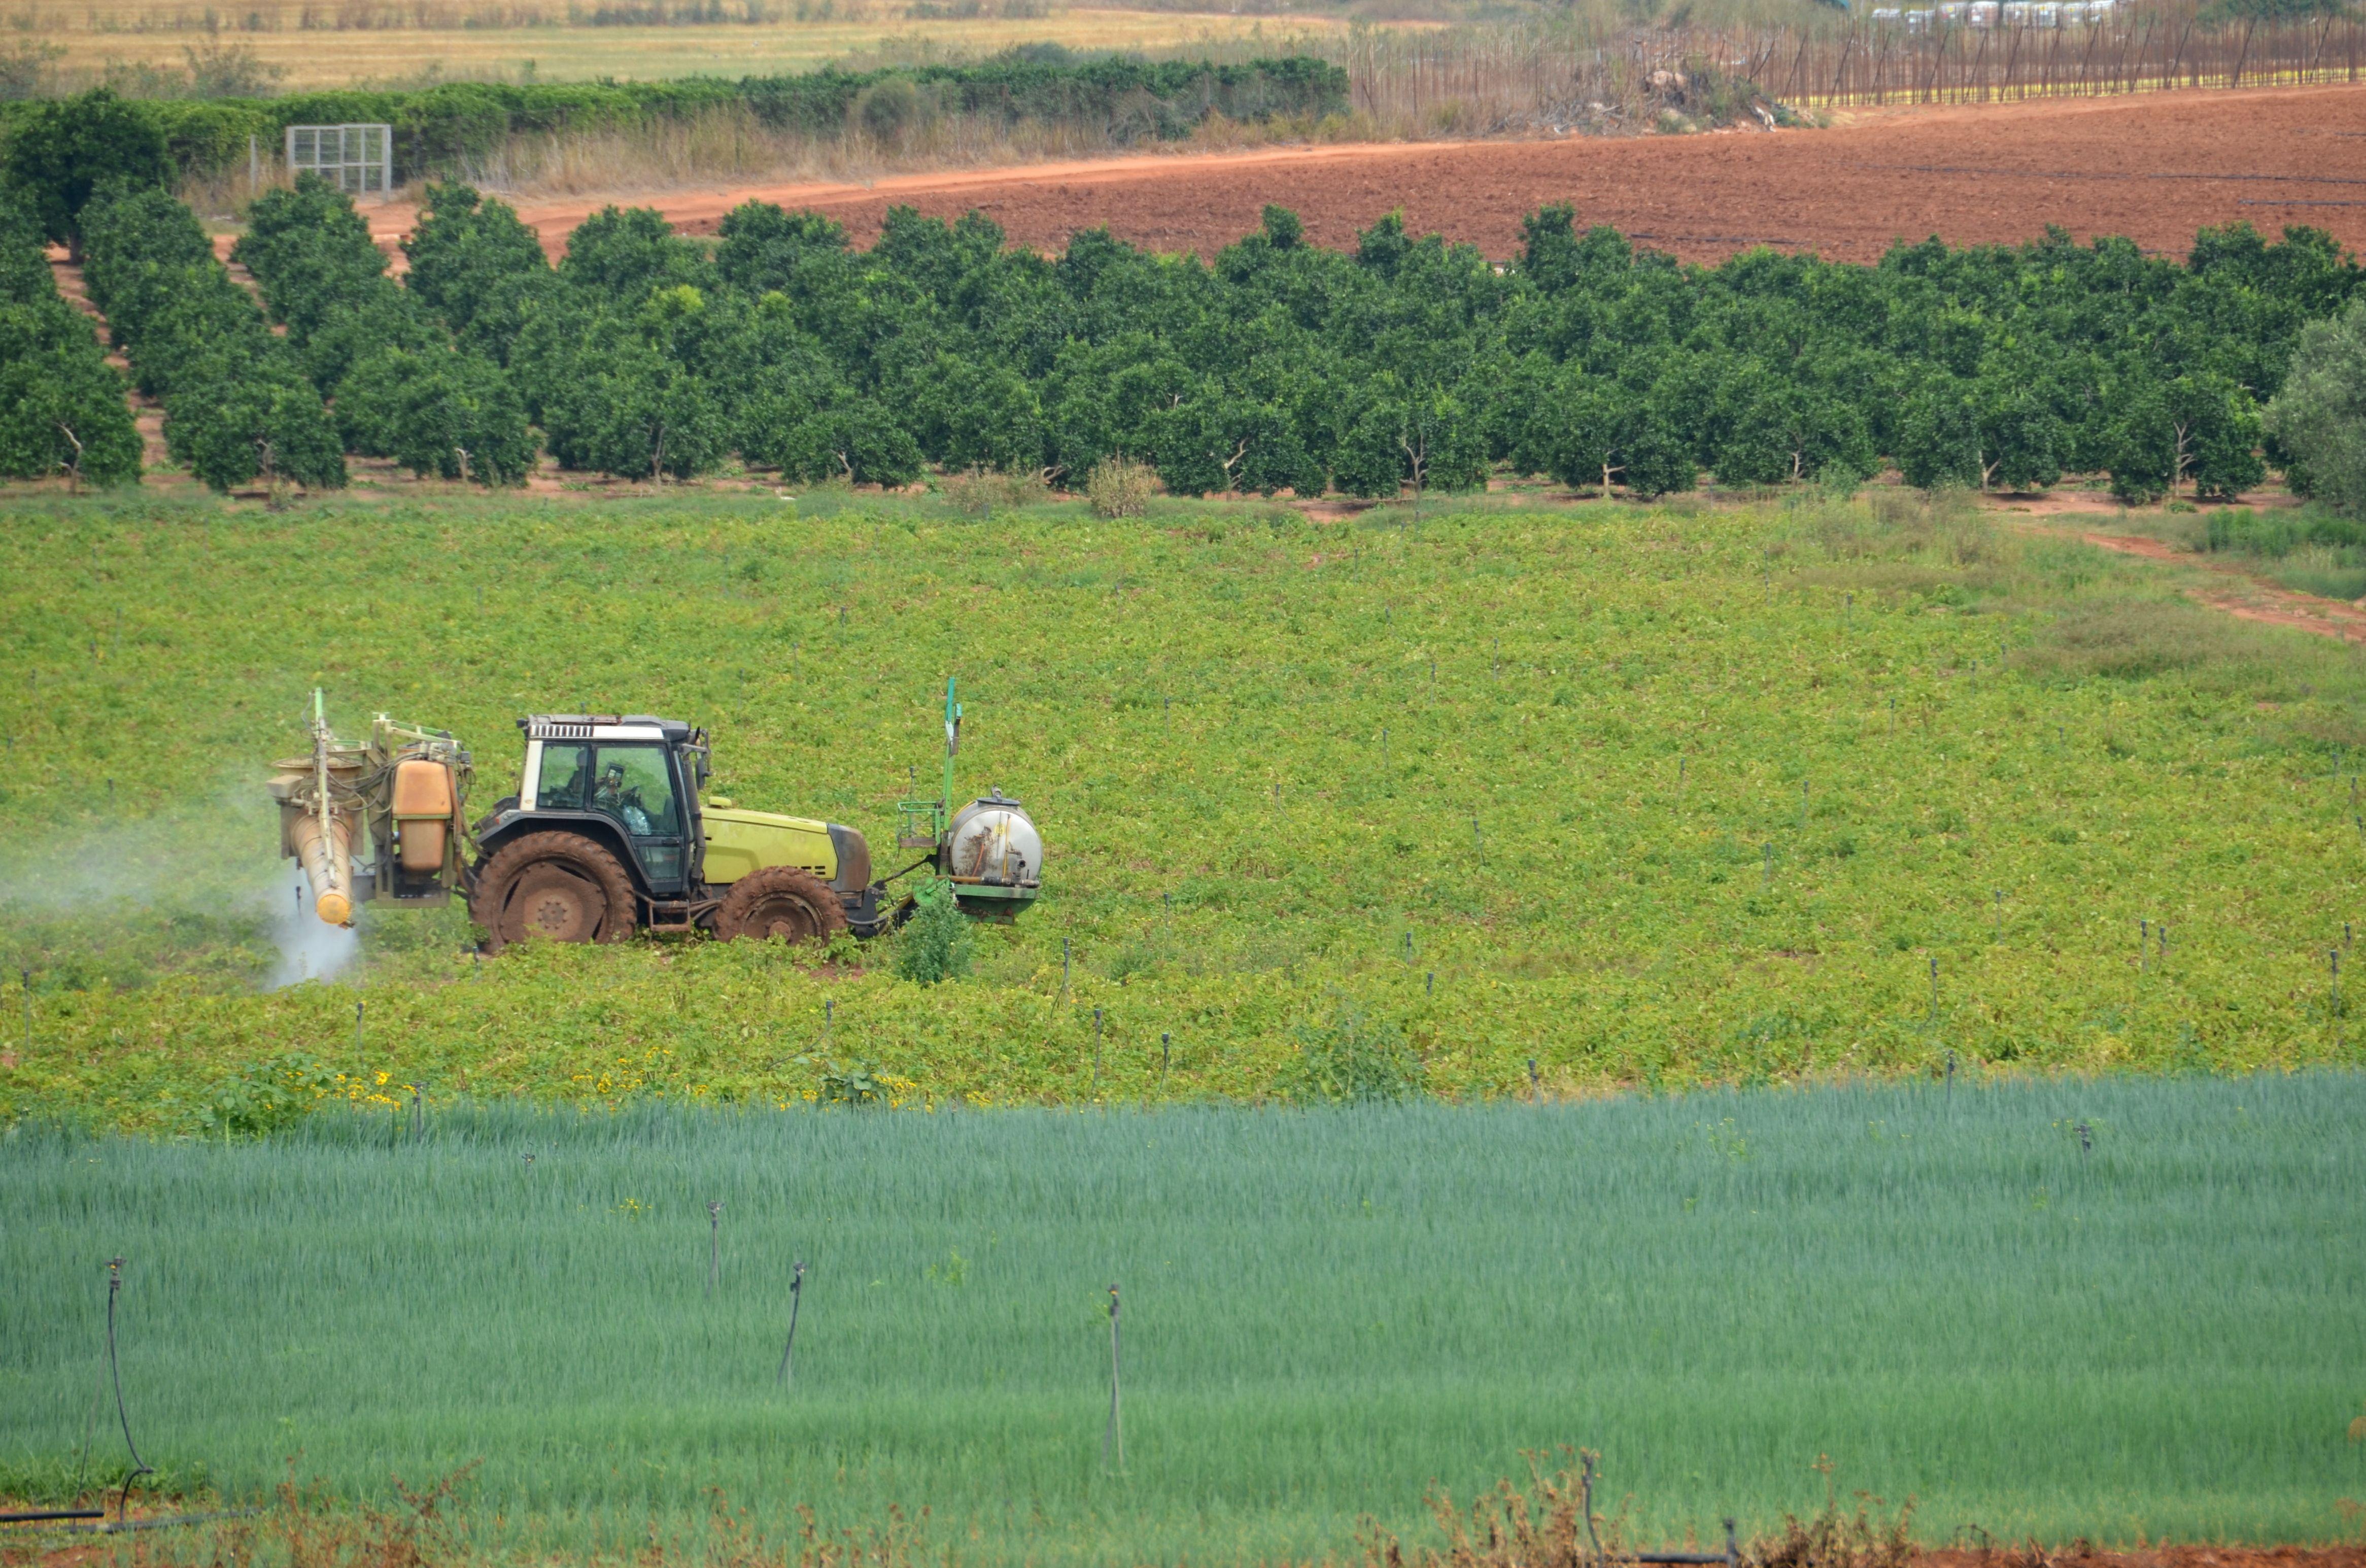 Servicios de asesoramiento al sector primario: Productos y servicios de SiA Consultores Servicios Agroalimentarios